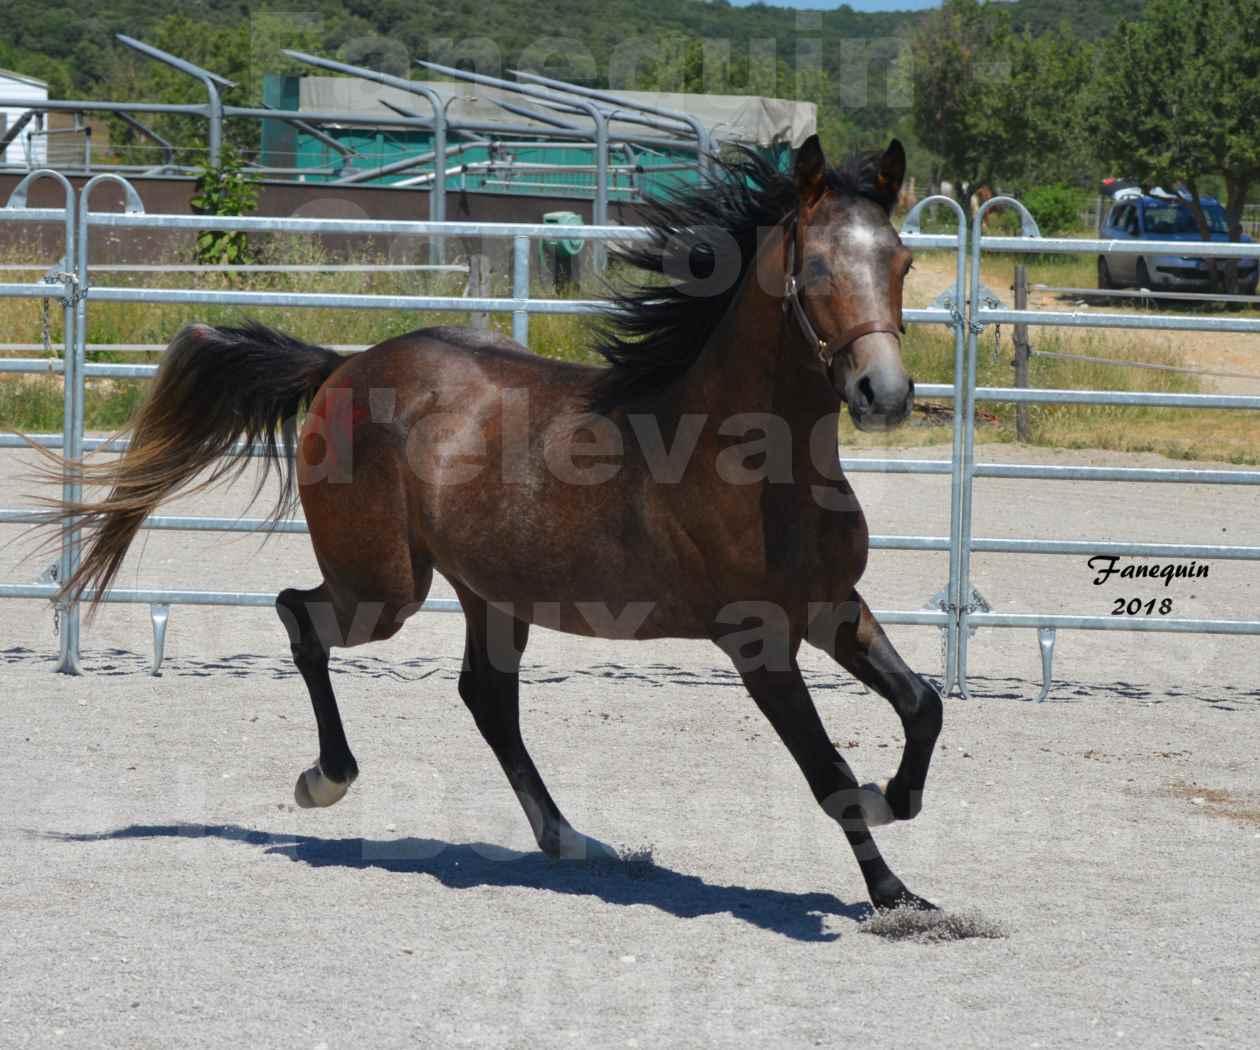 Concours d'Elevage de chevaux Arabes  le 27 juin 2018 à la BOISSIERE - DORKKAN DE FIGNOLS - 09